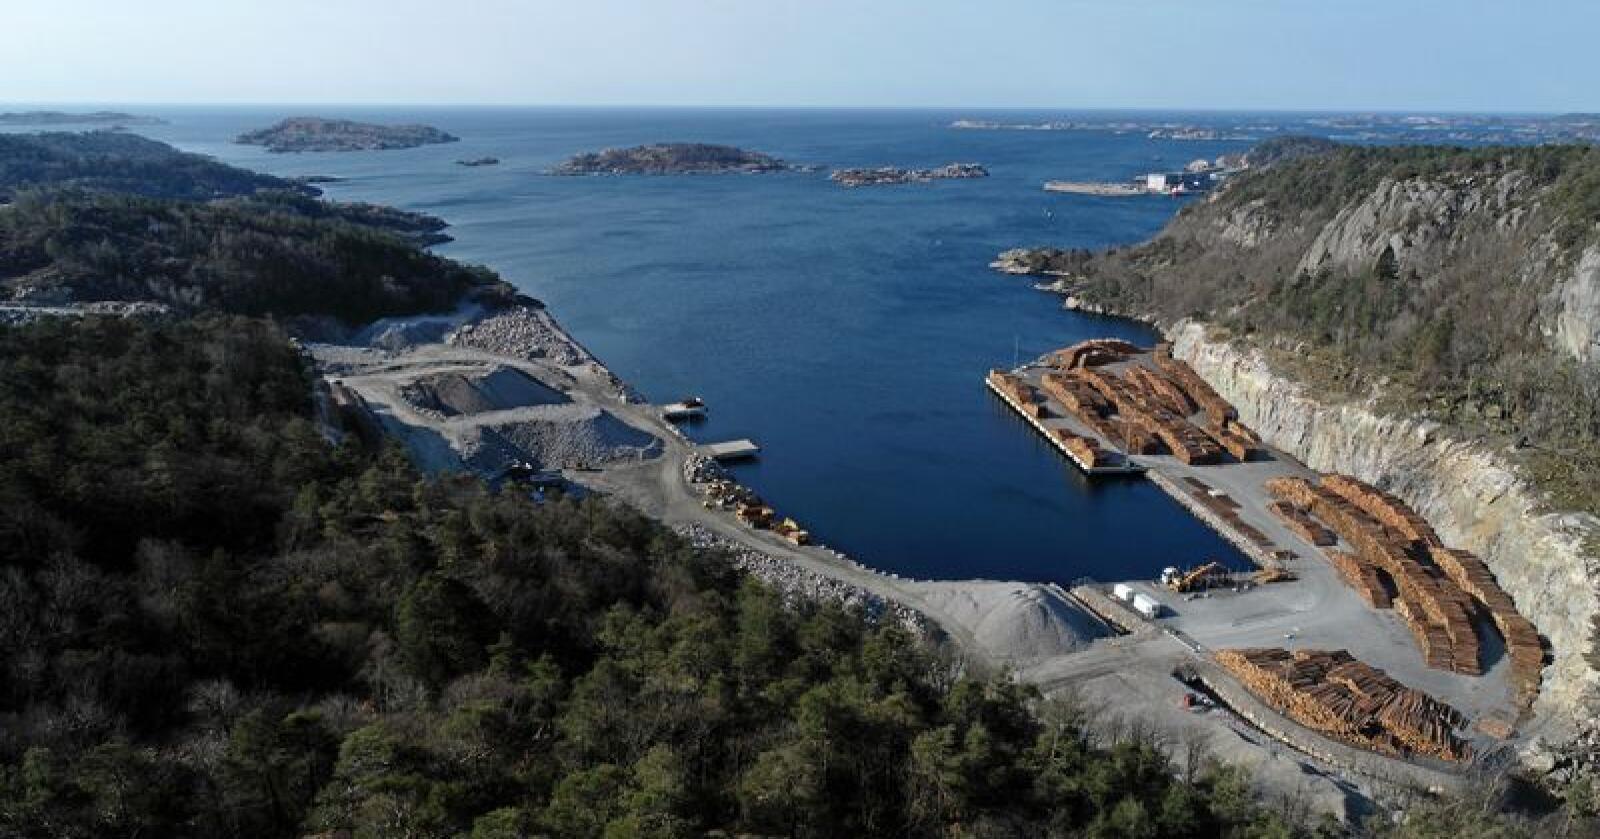 Regjeringen har brukt betydelige summer på tømmerkaier de siste årene. Foto: TT Anlegg